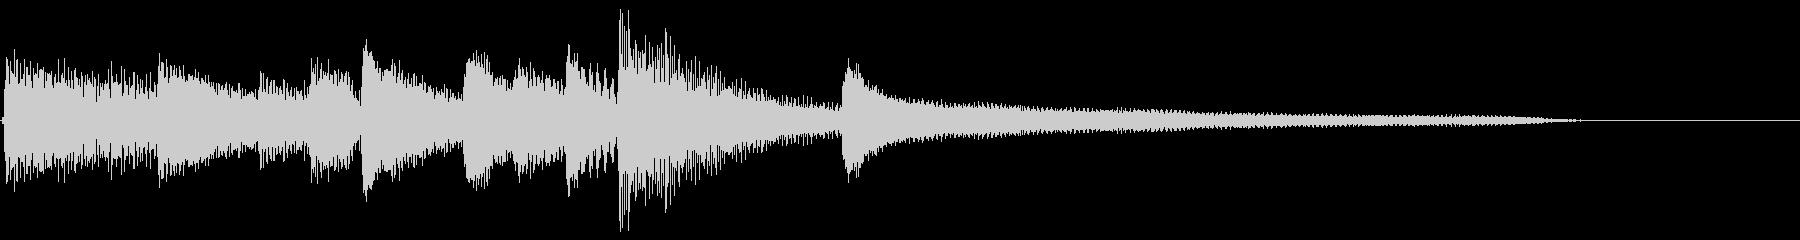 ピアノ効果音 オープニング 優しいの未再生の波形